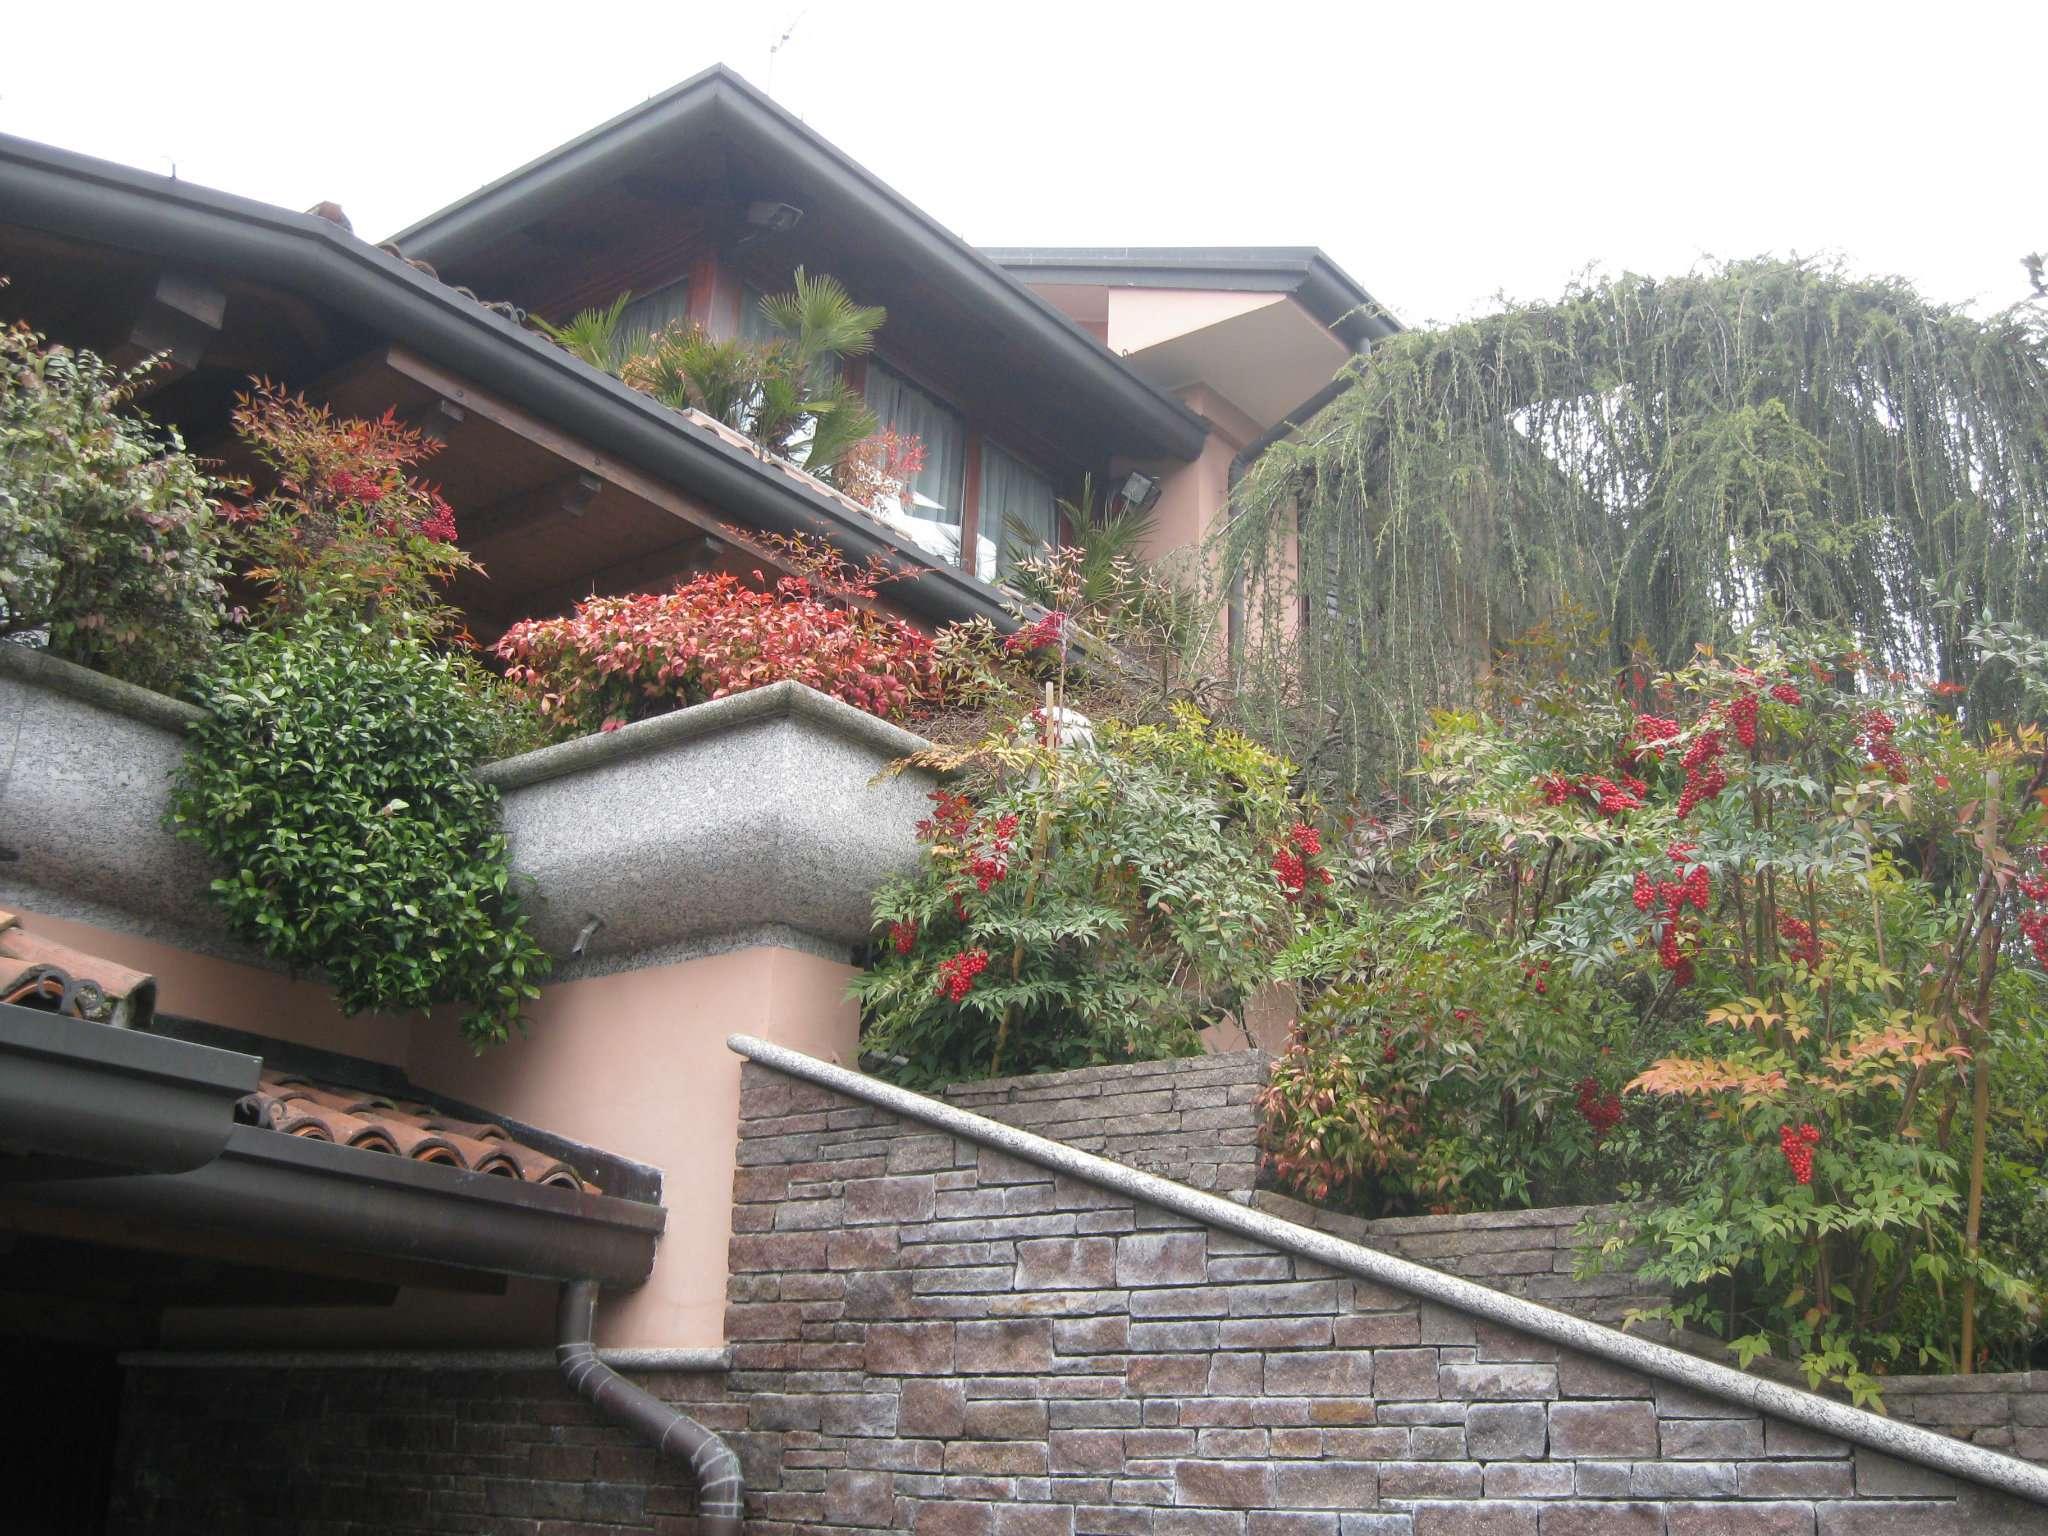 Villa Bifamiliare in vendita a Carimate, 6 locali, prezzo € 820.000 | CambioCasa.it